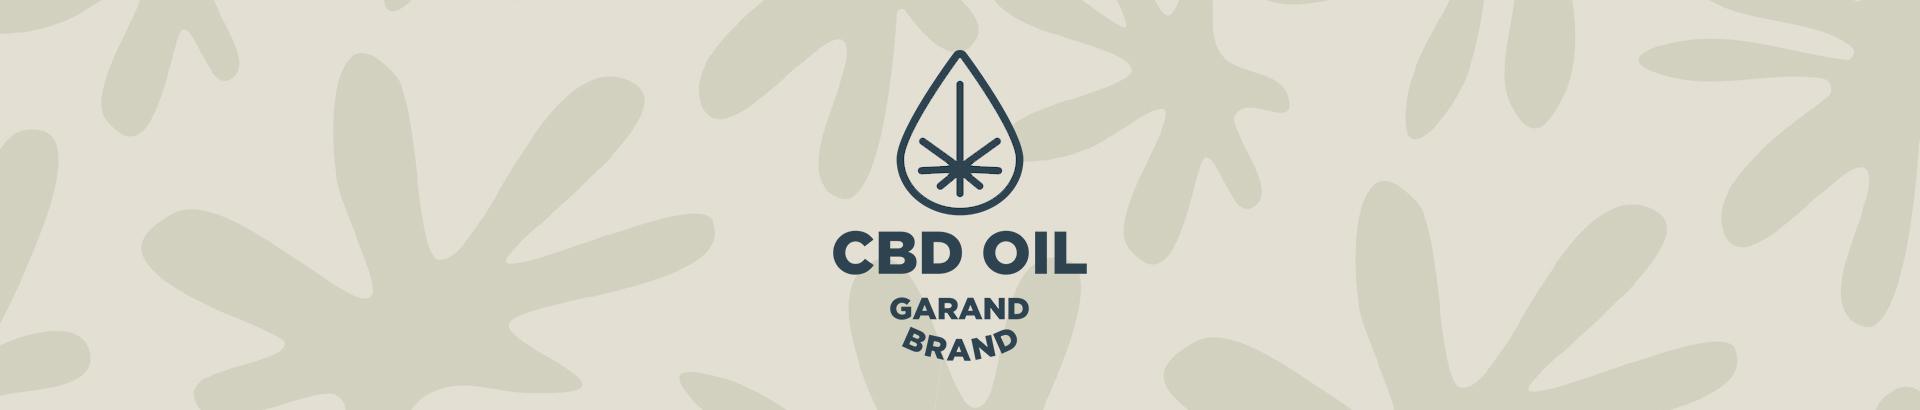 gb cbd oil